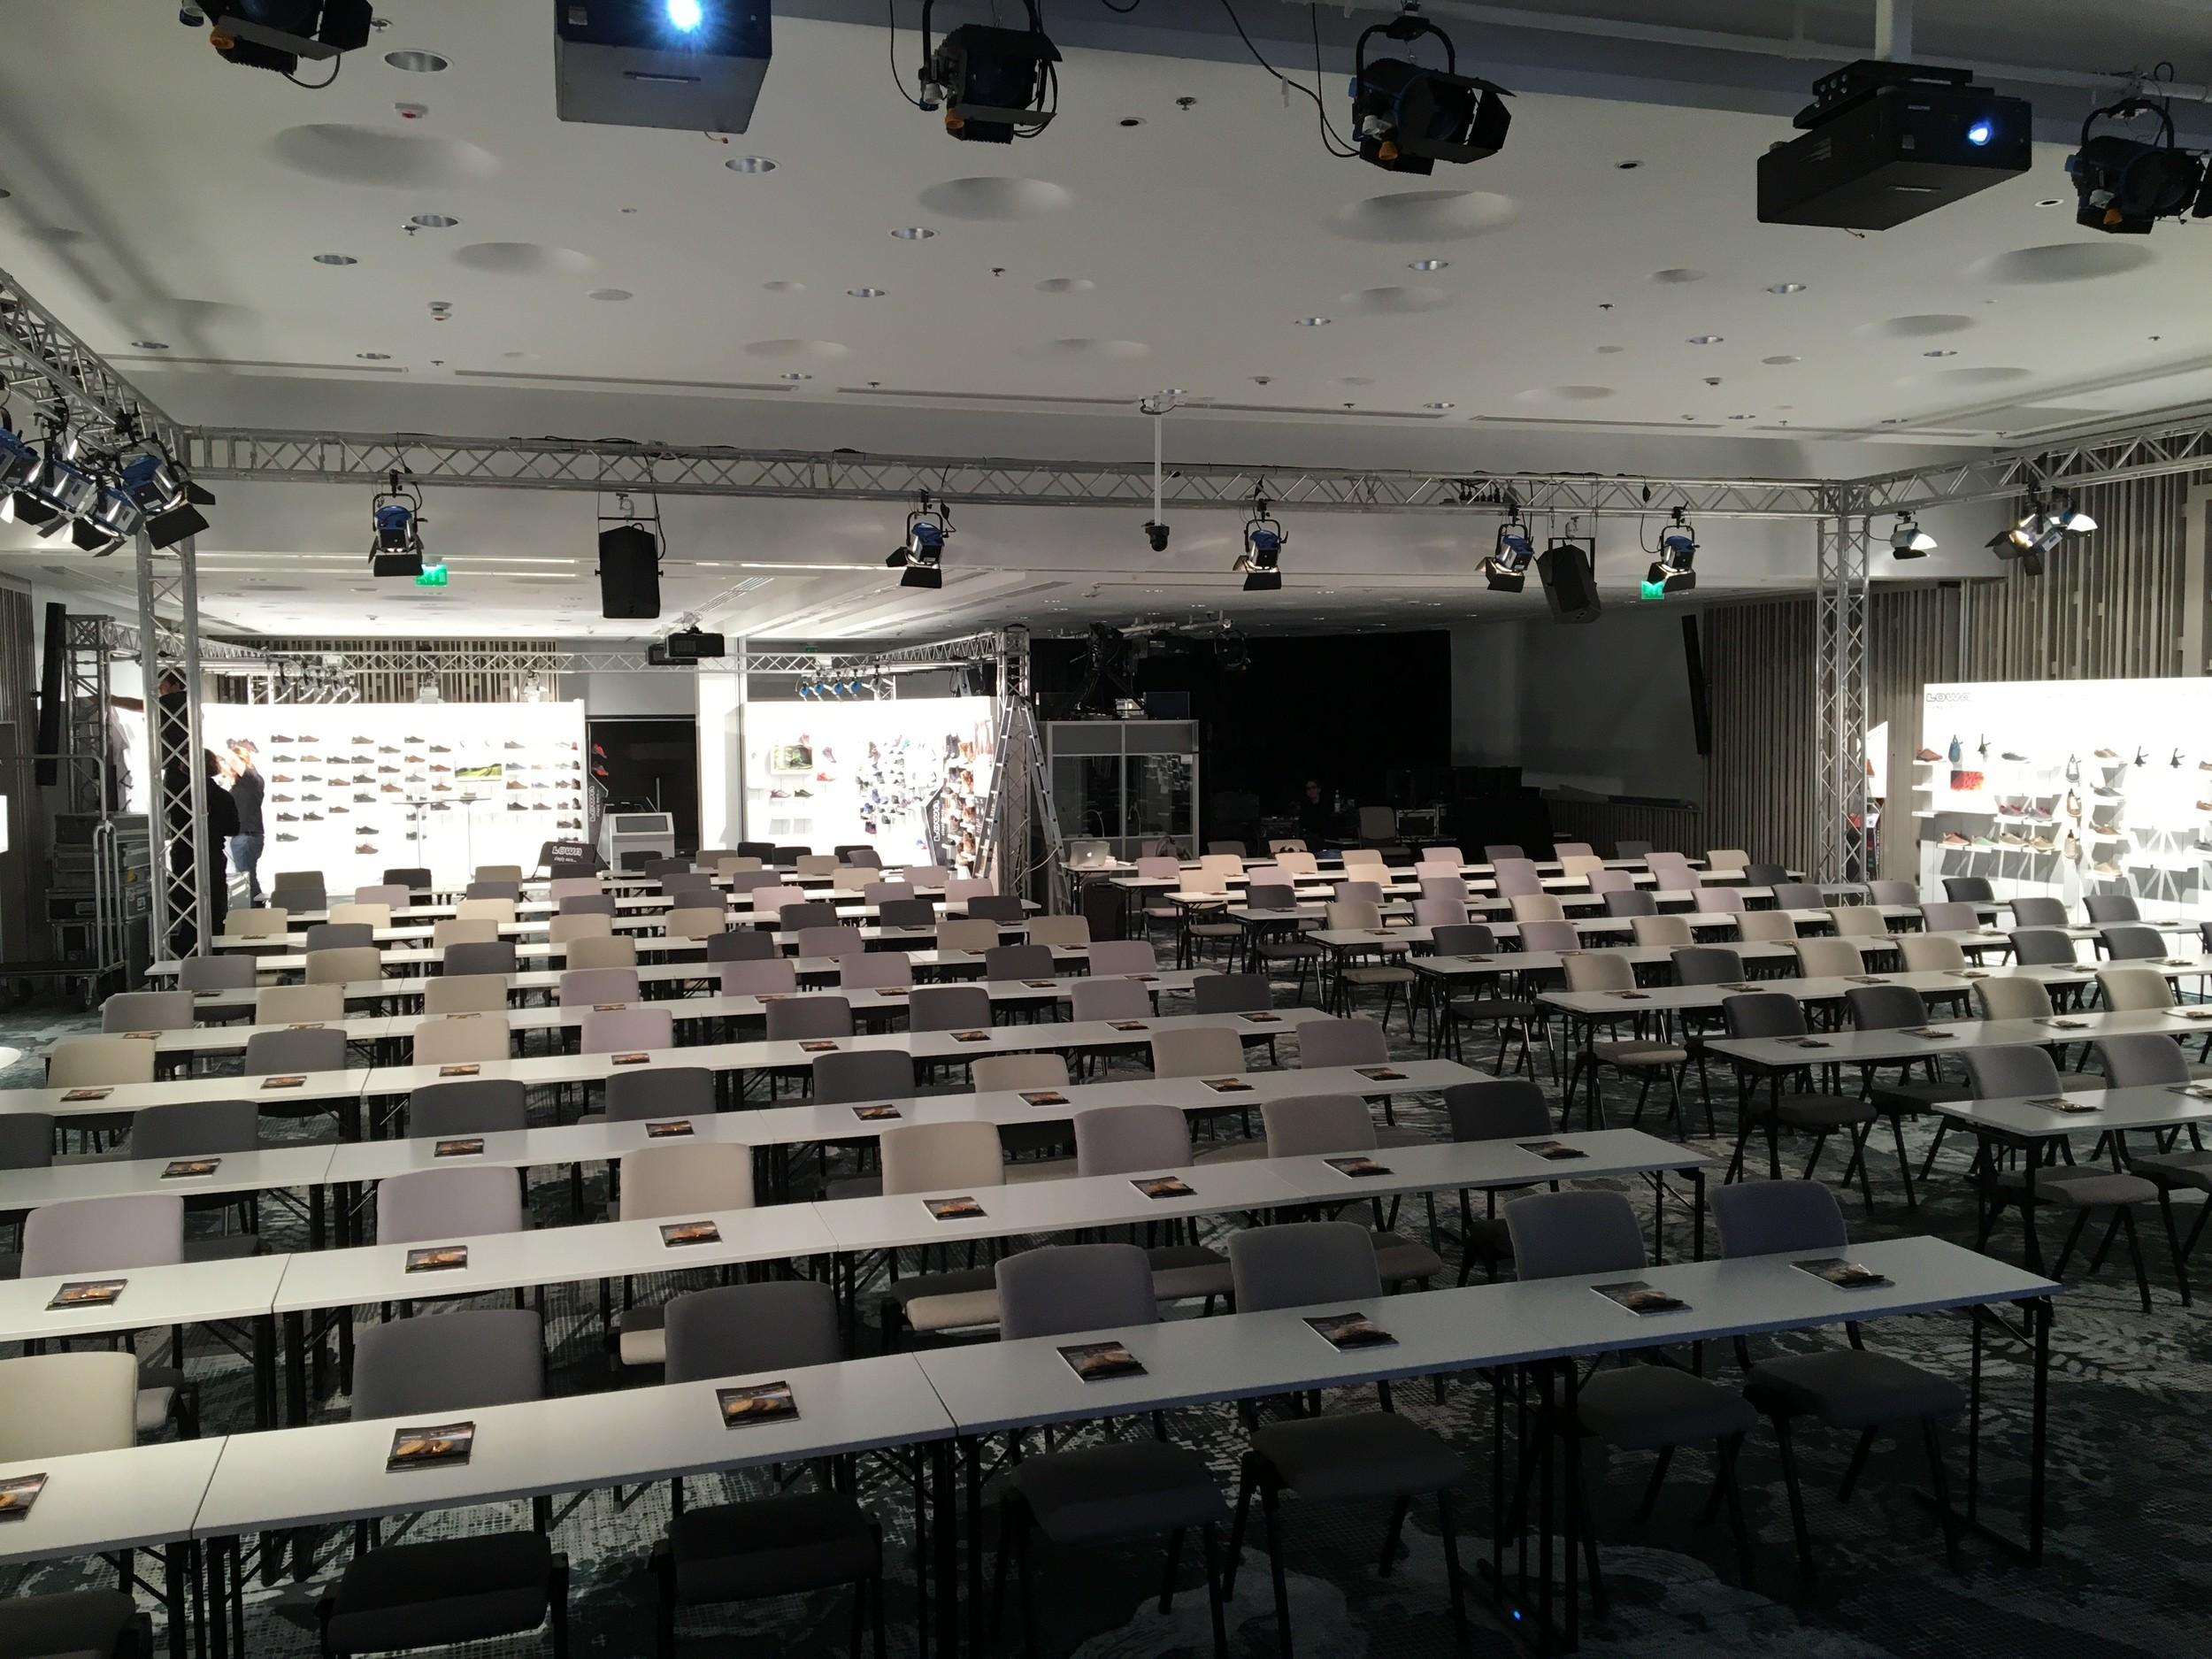 LOWA ISM 2016 Helsinki - Veranstaltungsraum von vorn 2016 05 05.jpg